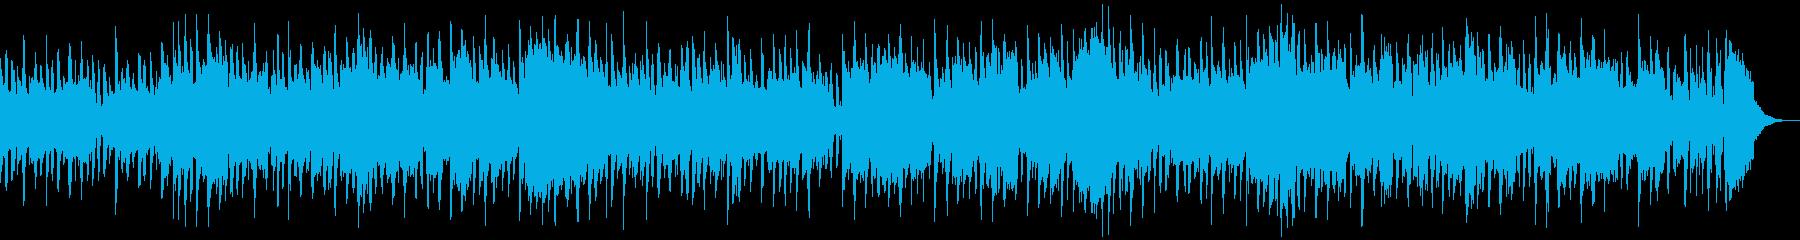 木琴メロディの明るいポップスの再生済みの波形